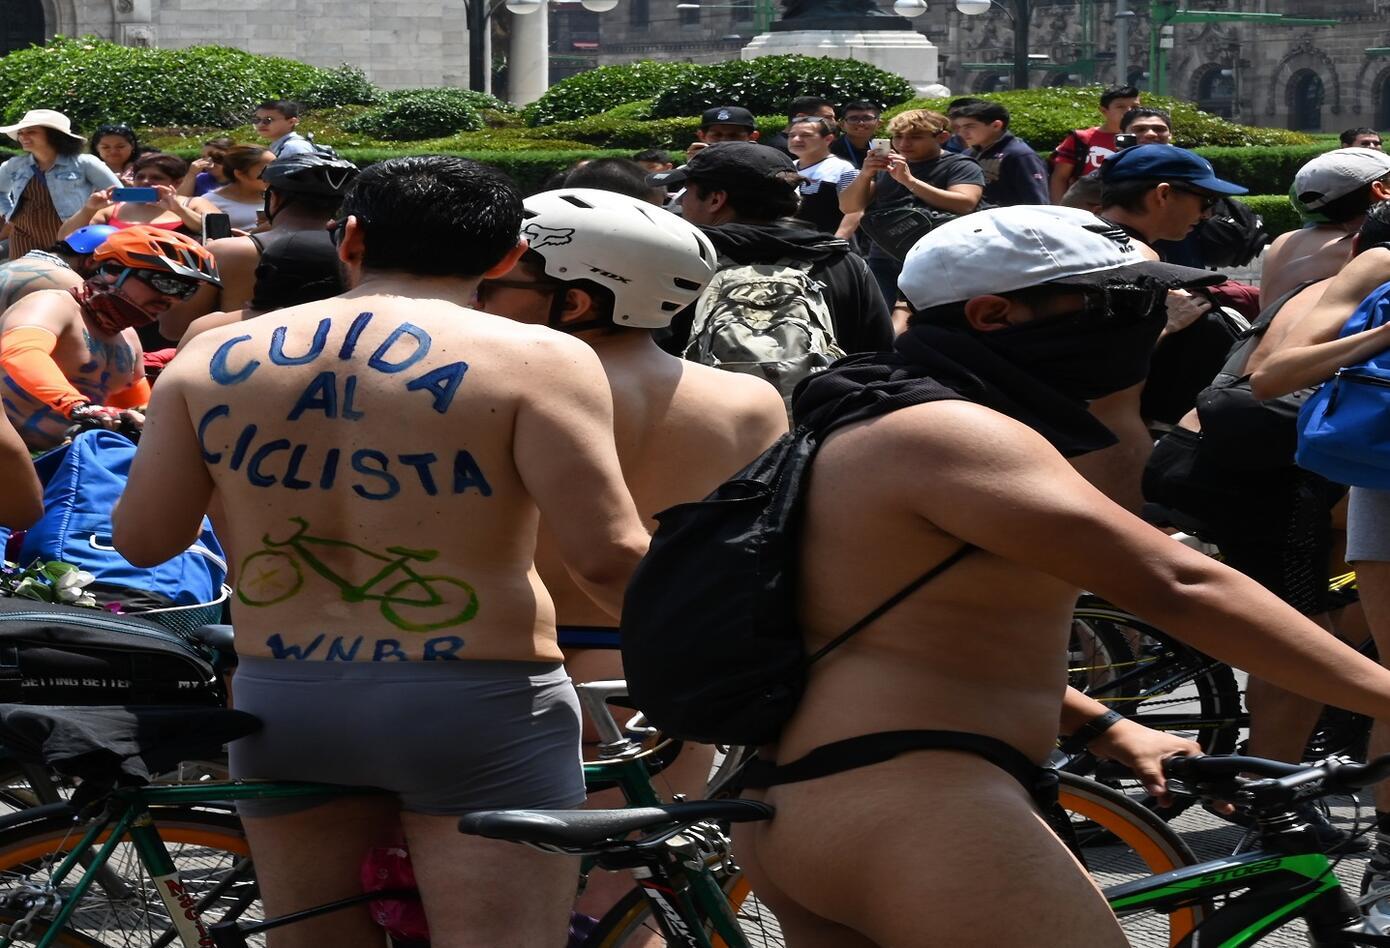 Ciclistas desnudos